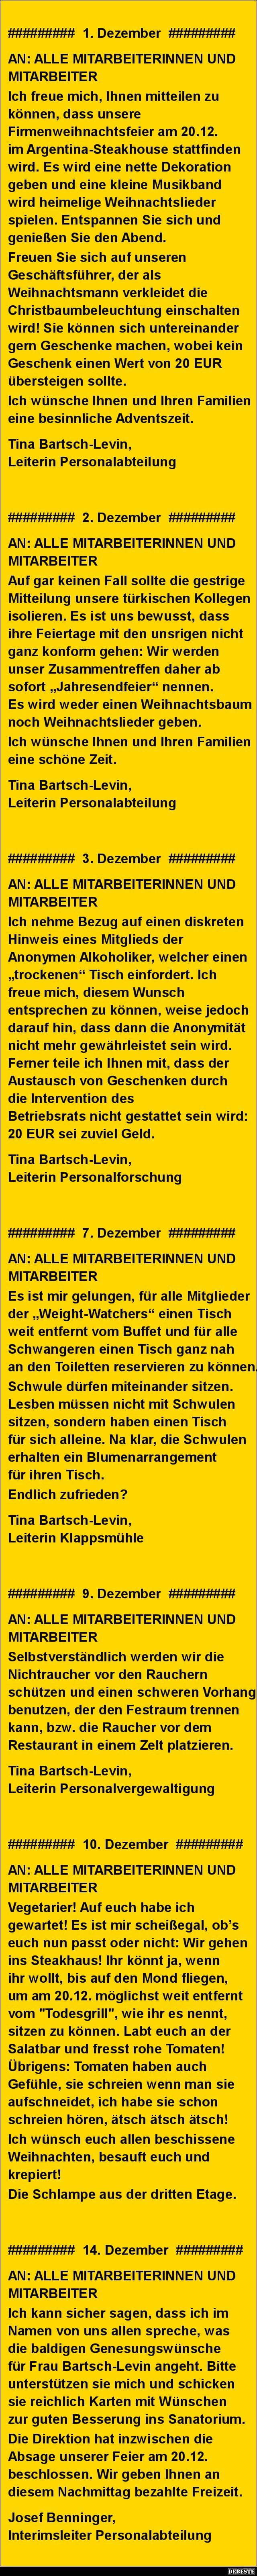 Weihnachtslieder   DEBESTE.de, Lustige Bilder, lustig foto